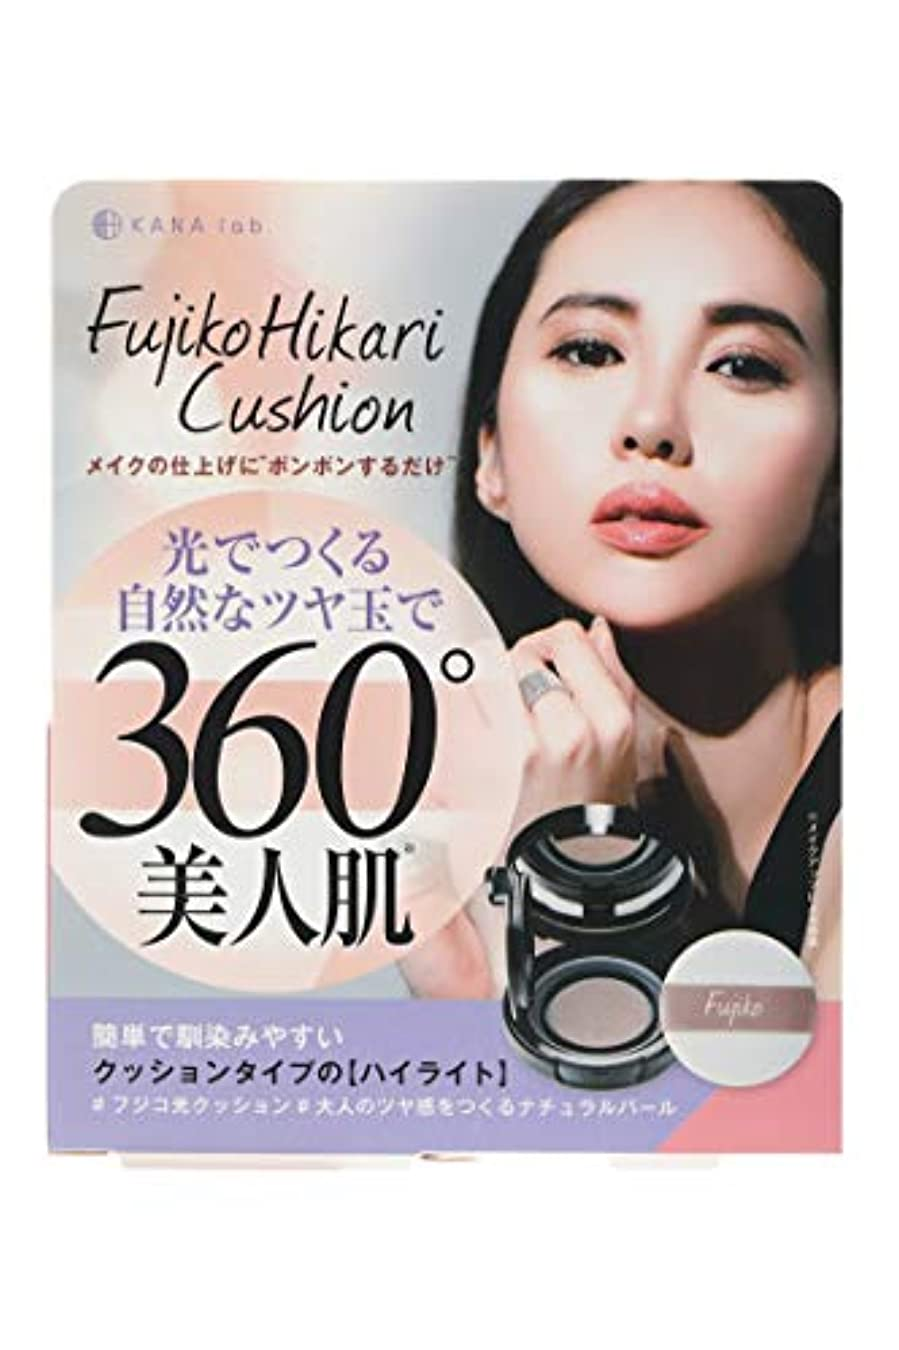 入るむちゃくちゃ生産性Fujiko(フジコ) フジコ 光クッション 3g ファンデーション